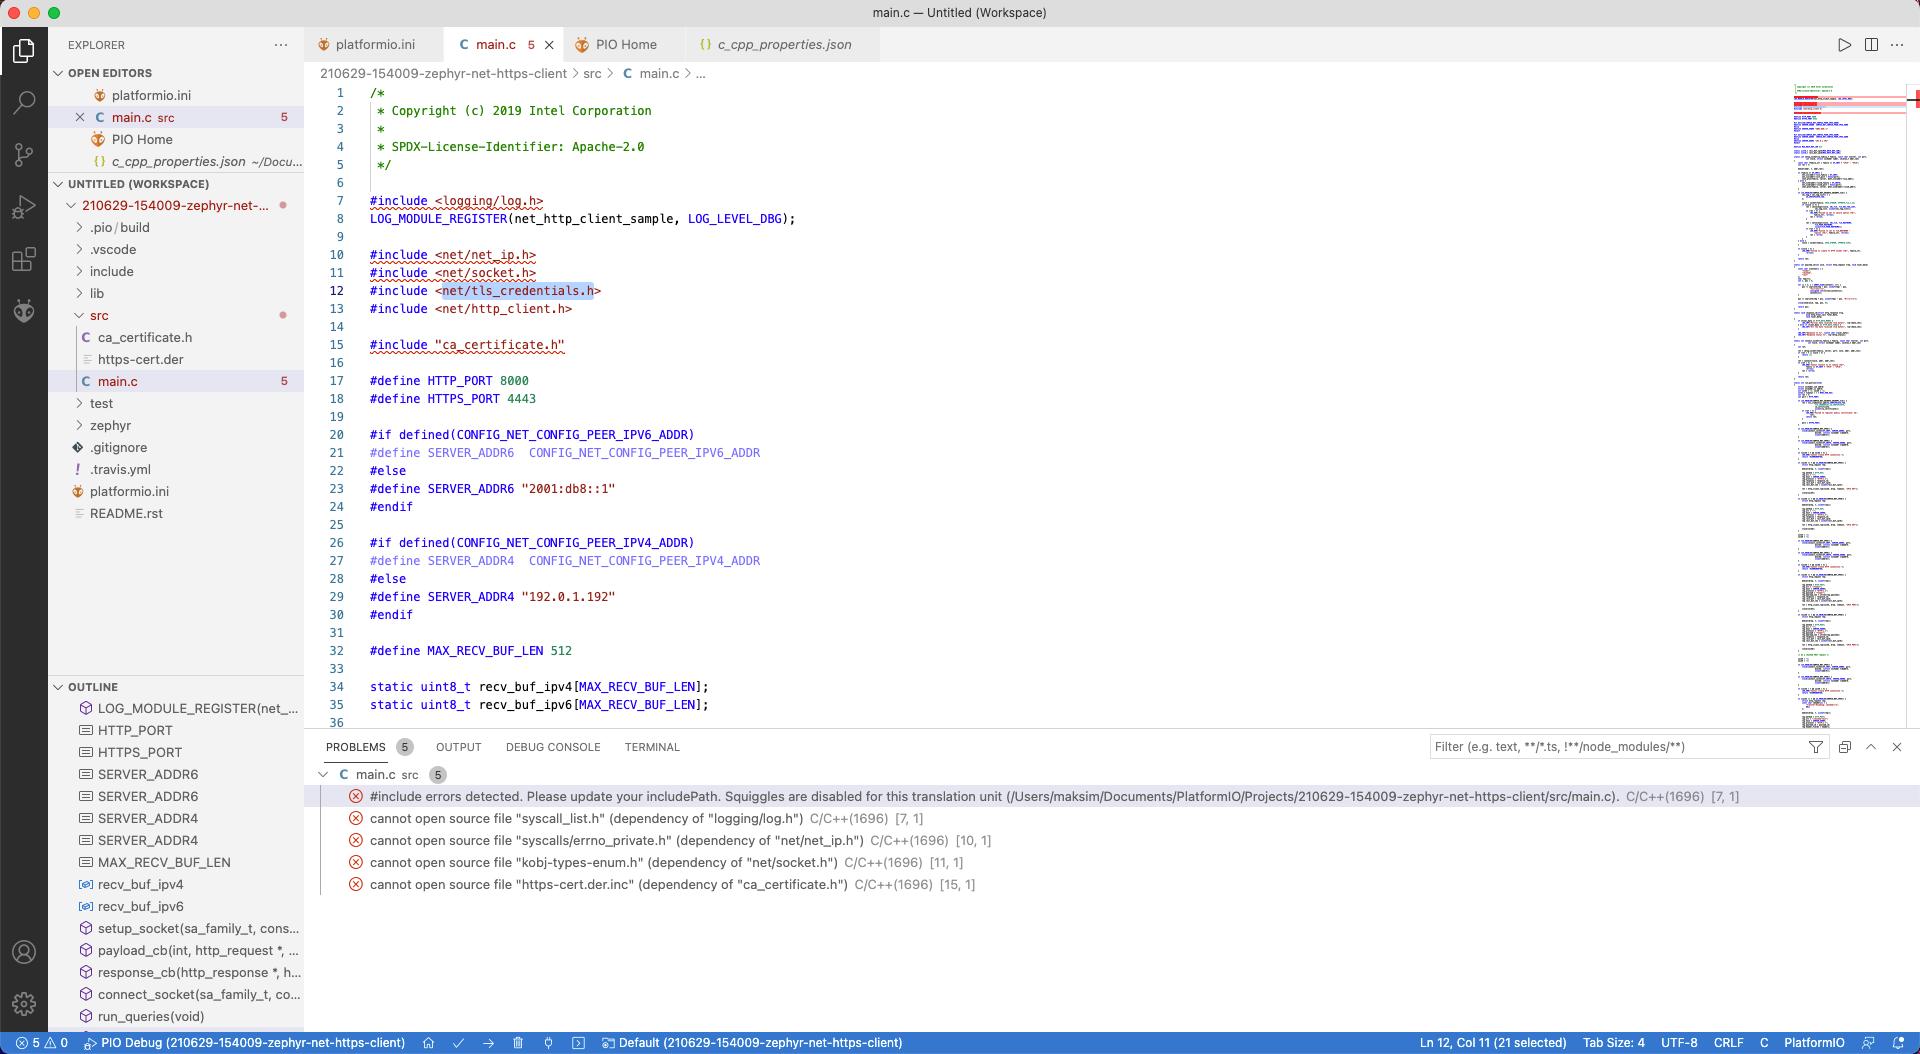 Screenshot 2021-06-29 at 17.20.09